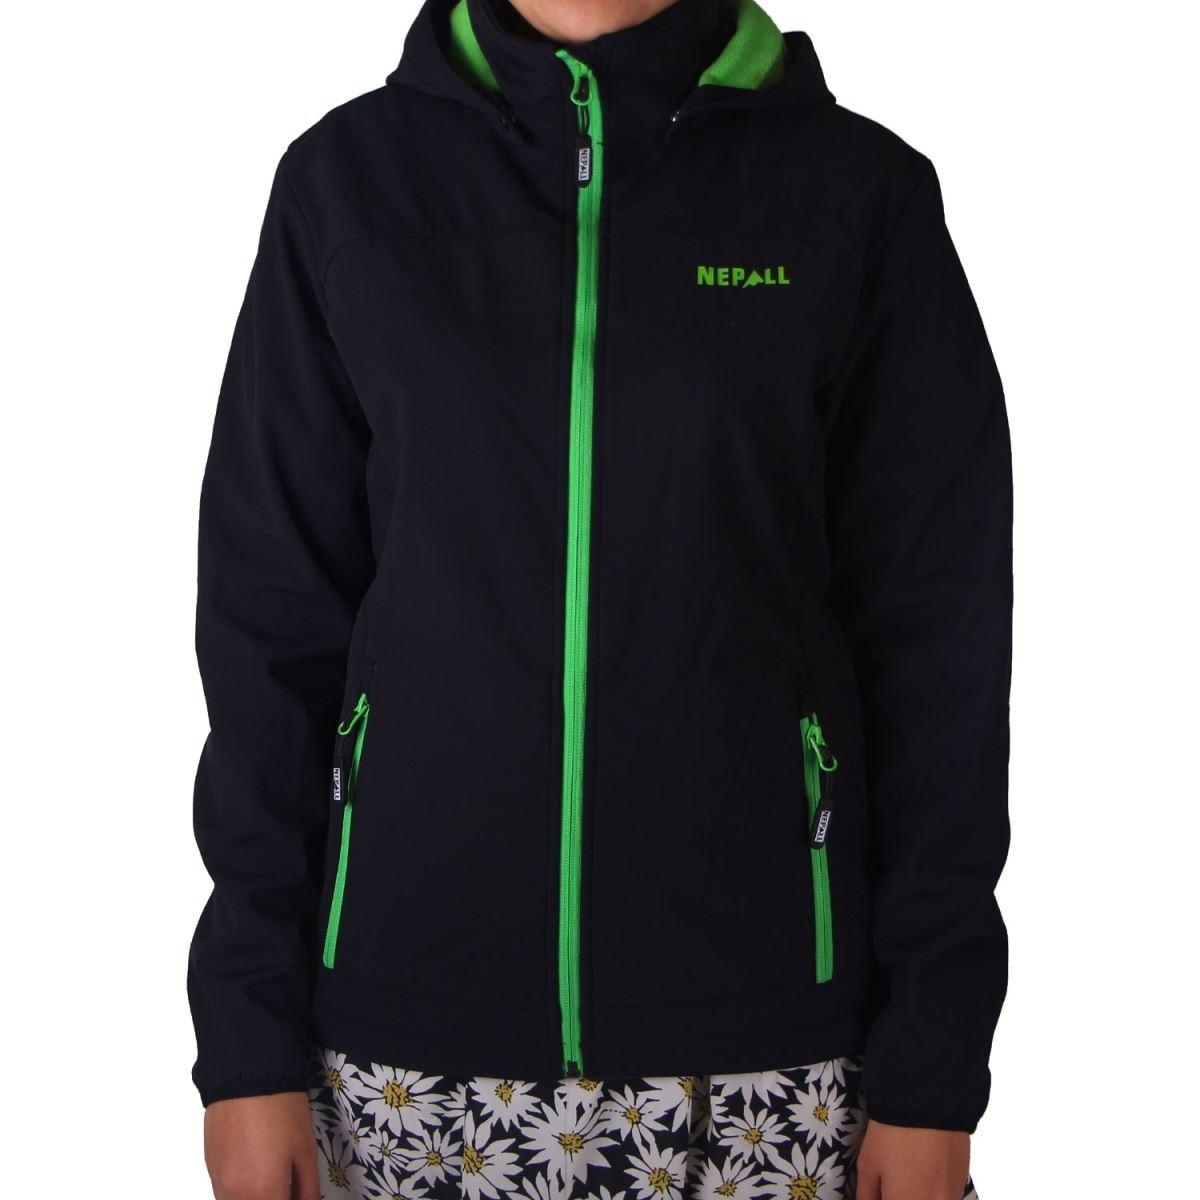 Nepall 1, A50834, черные, мятные толстовки для мальчиков детская флисовая подростковая одежда детская одежда для маленьких мальчиков теплая зимня